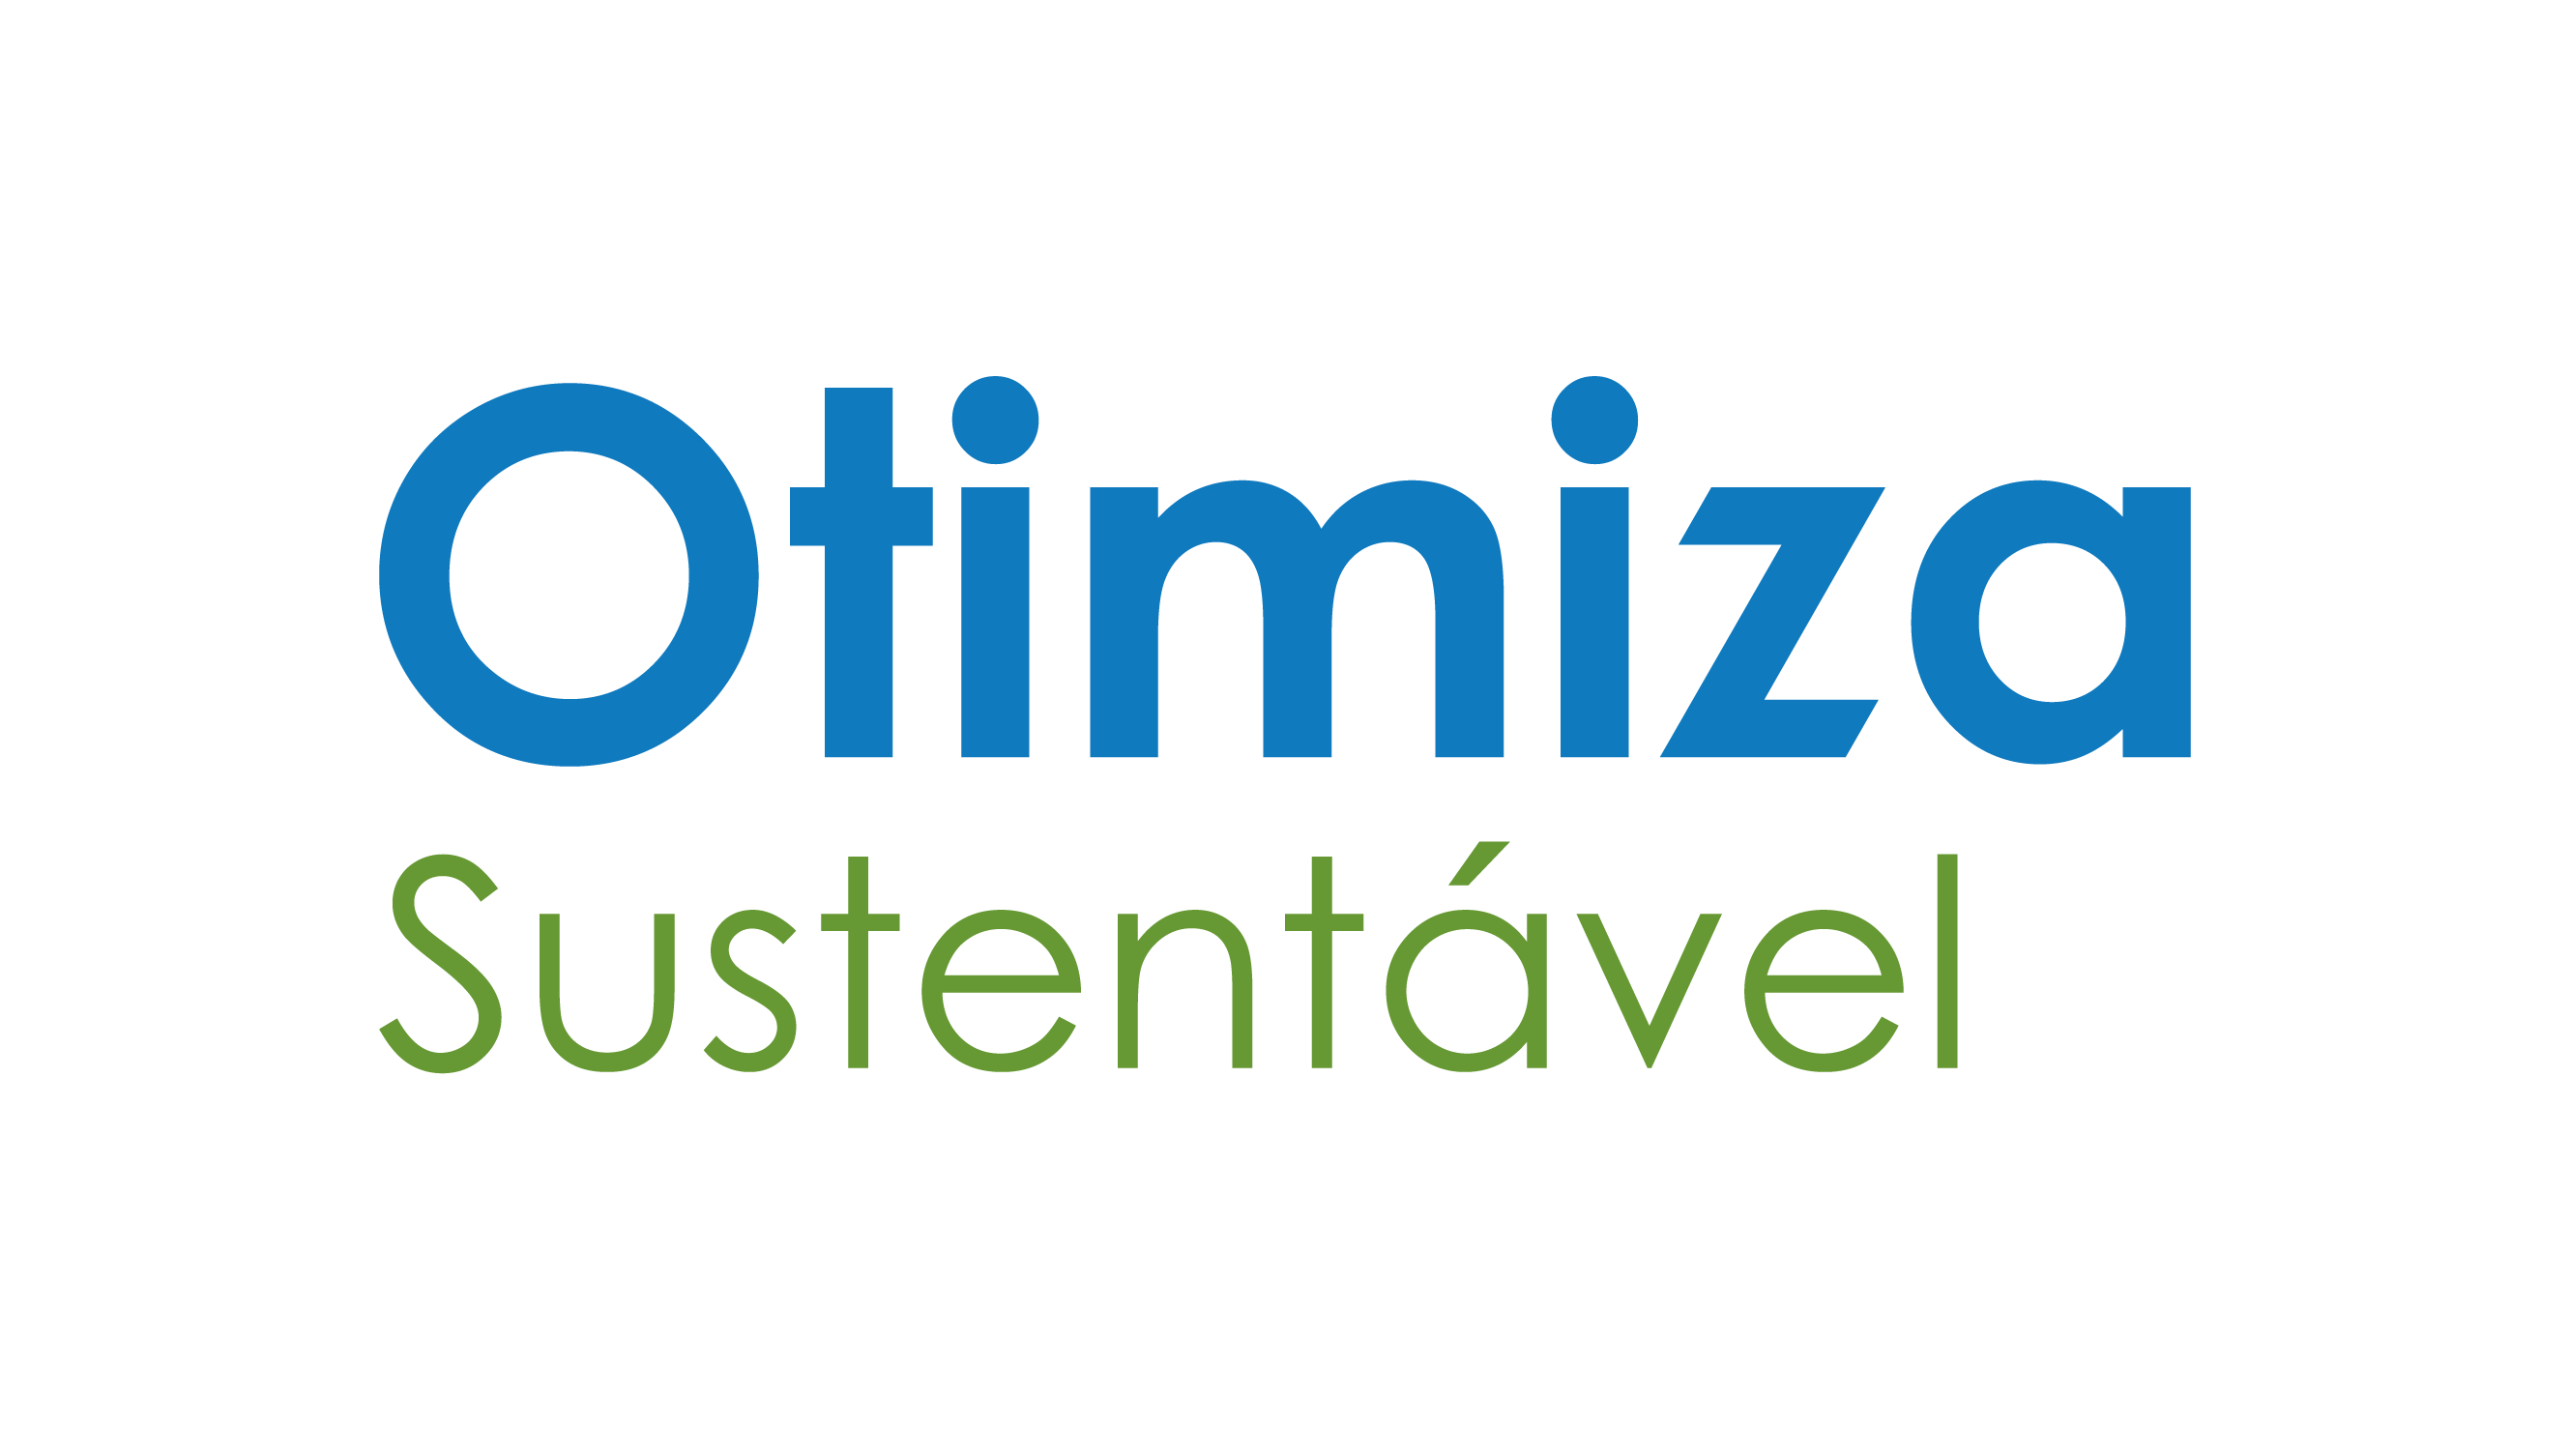 logo-otimiza-sustentavel